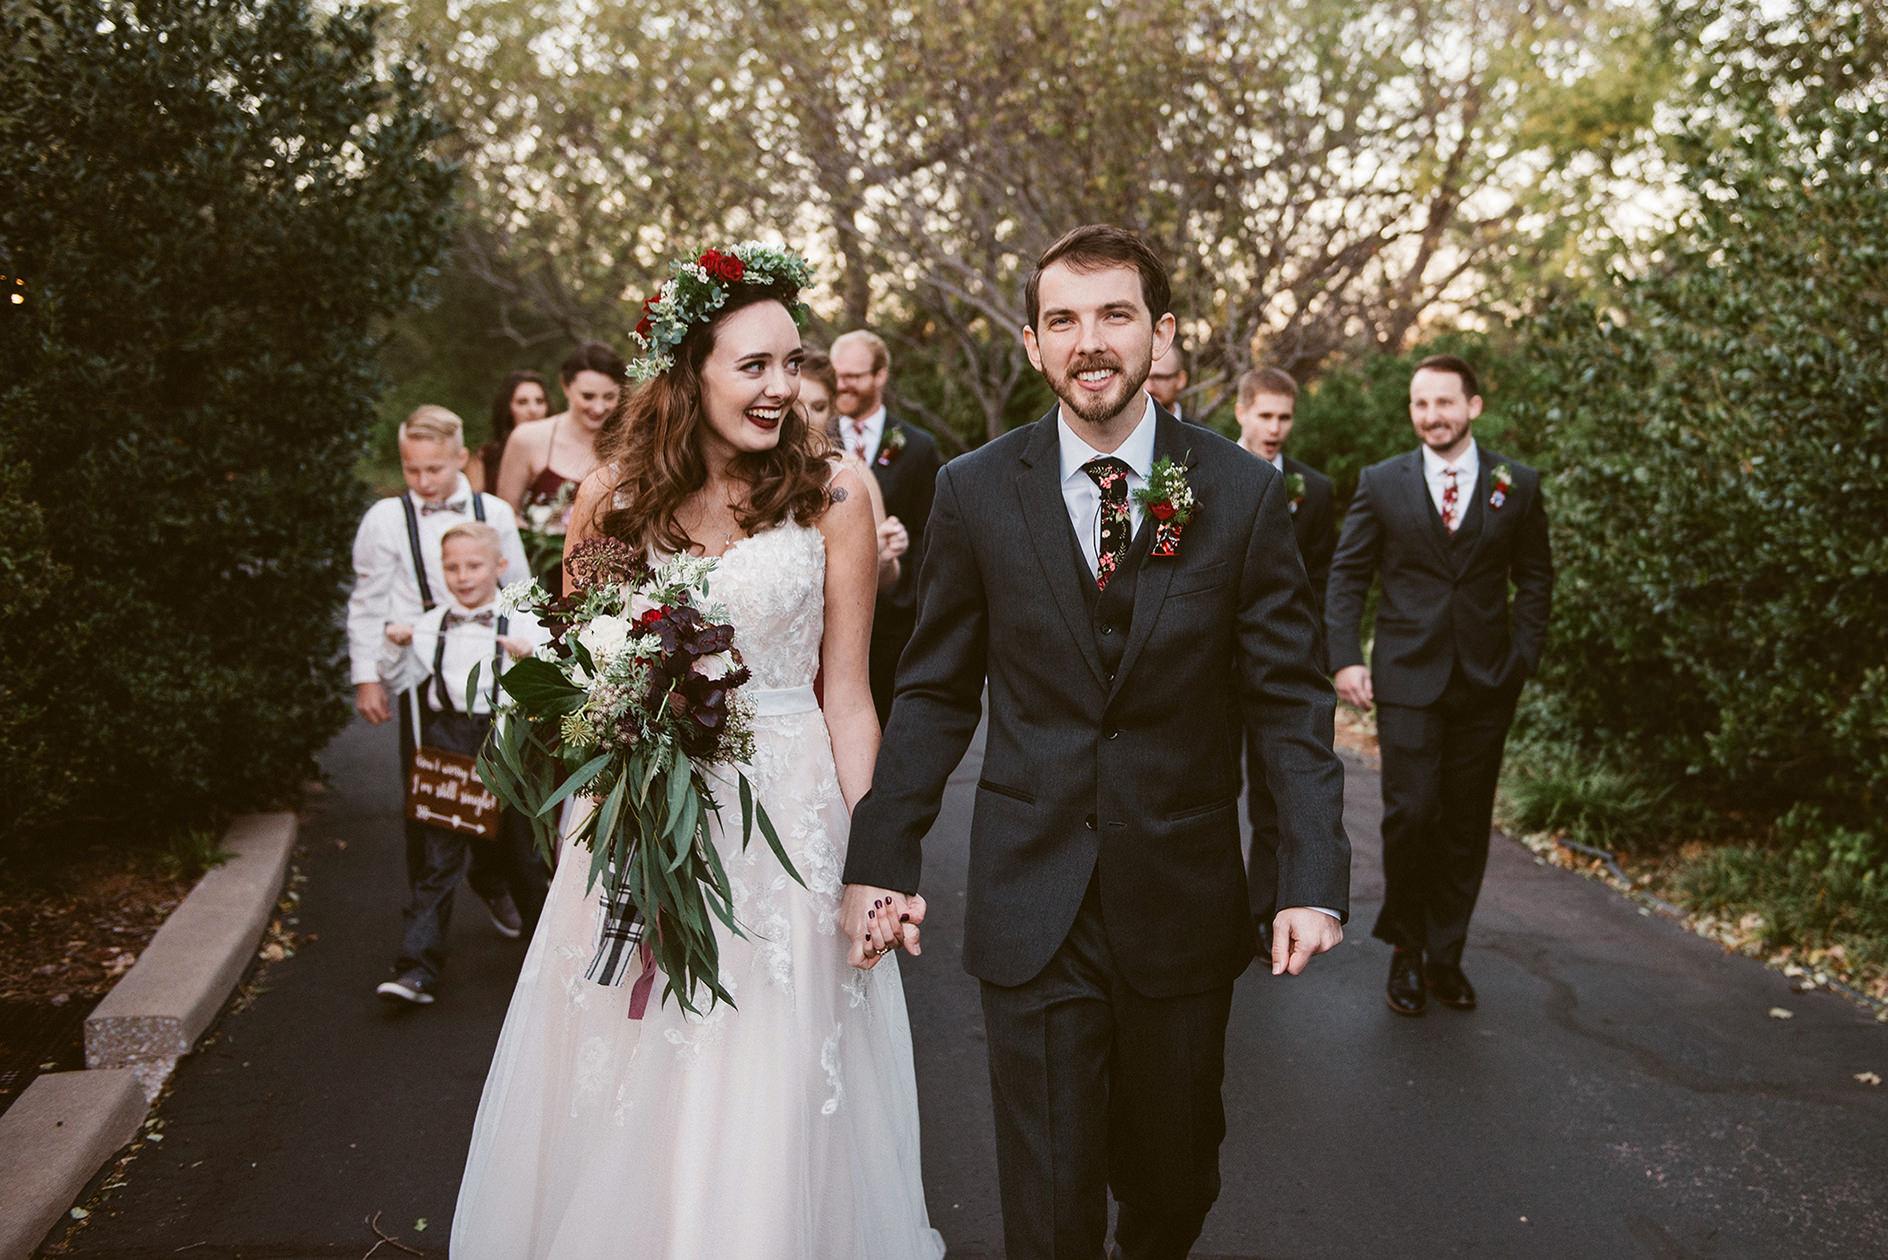 Oklahoma Wedding Photographer Blue Elephant Photography